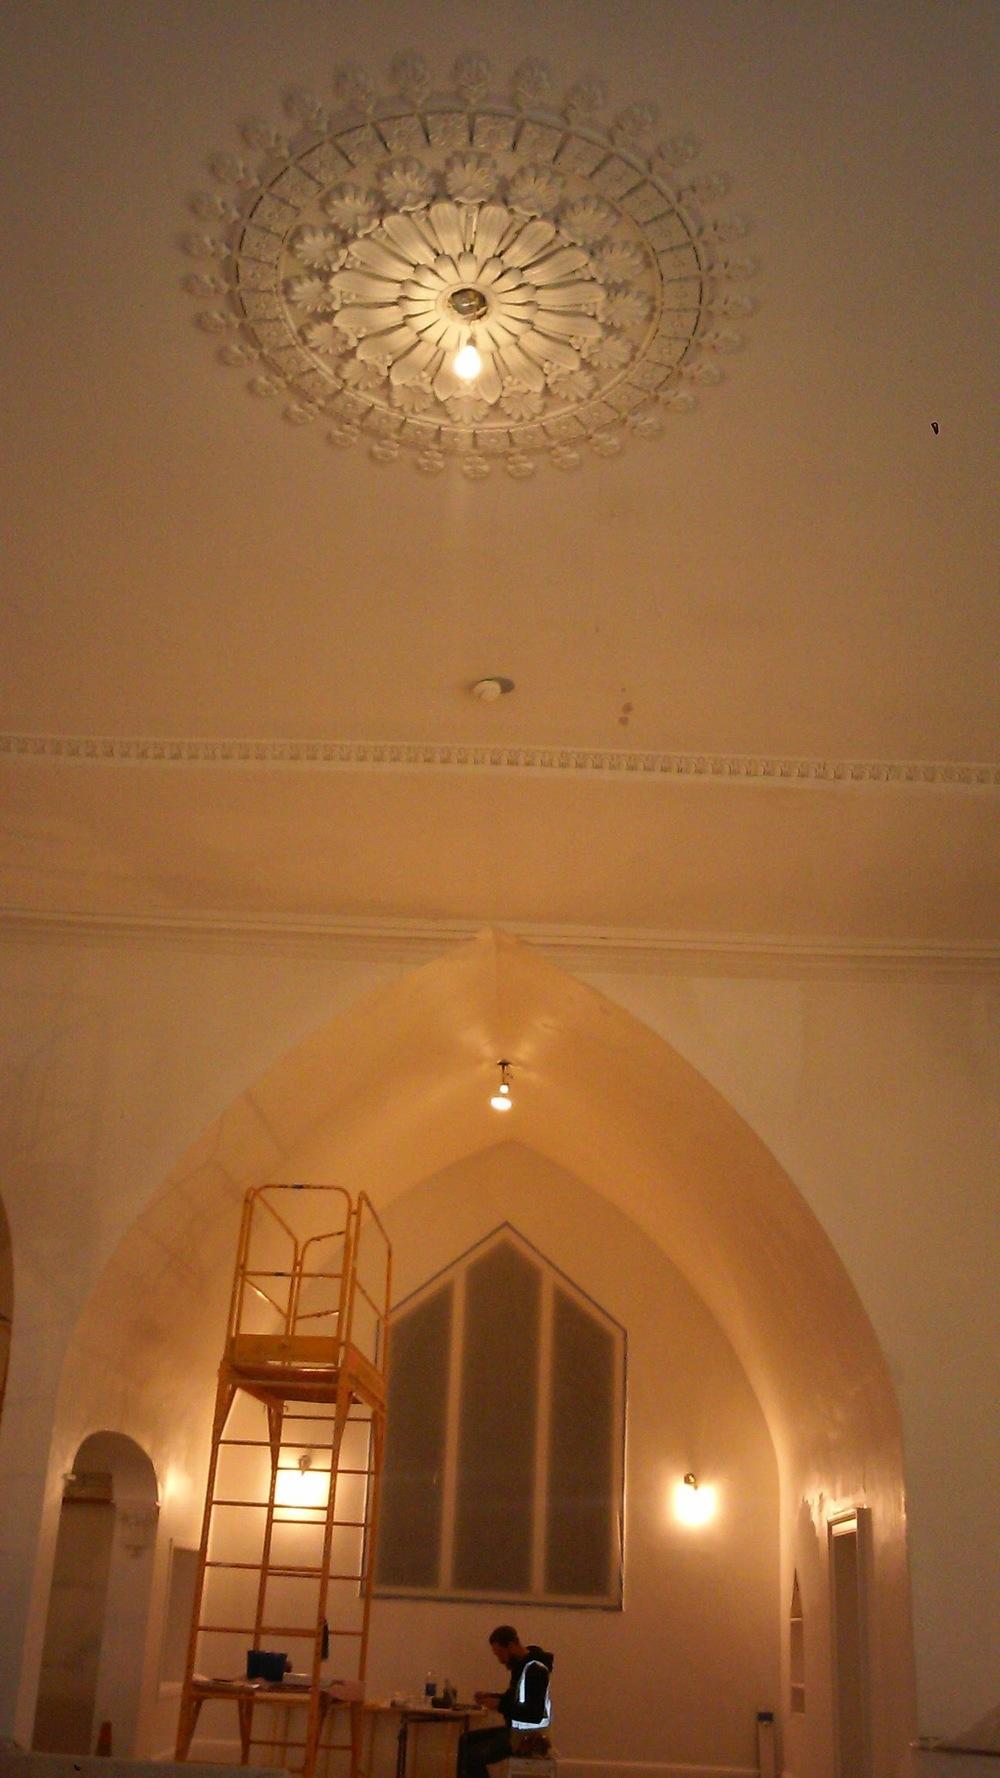 Archway Break in Molding.jpg